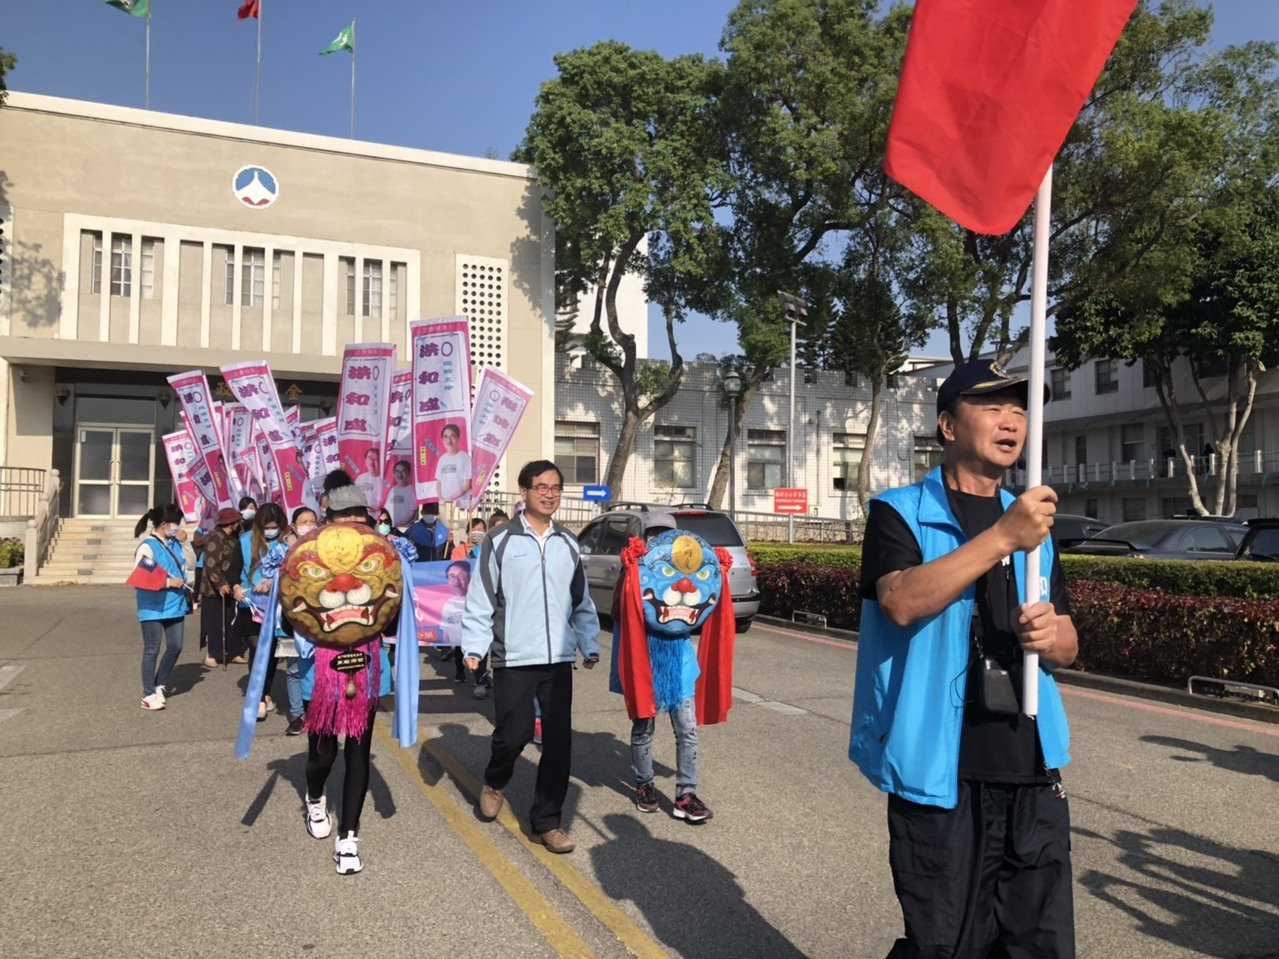 洪和成在縣府完成登記後,在鄉親的簇擁下展開繞街造勢活動。記者蔡家蓁/攝影